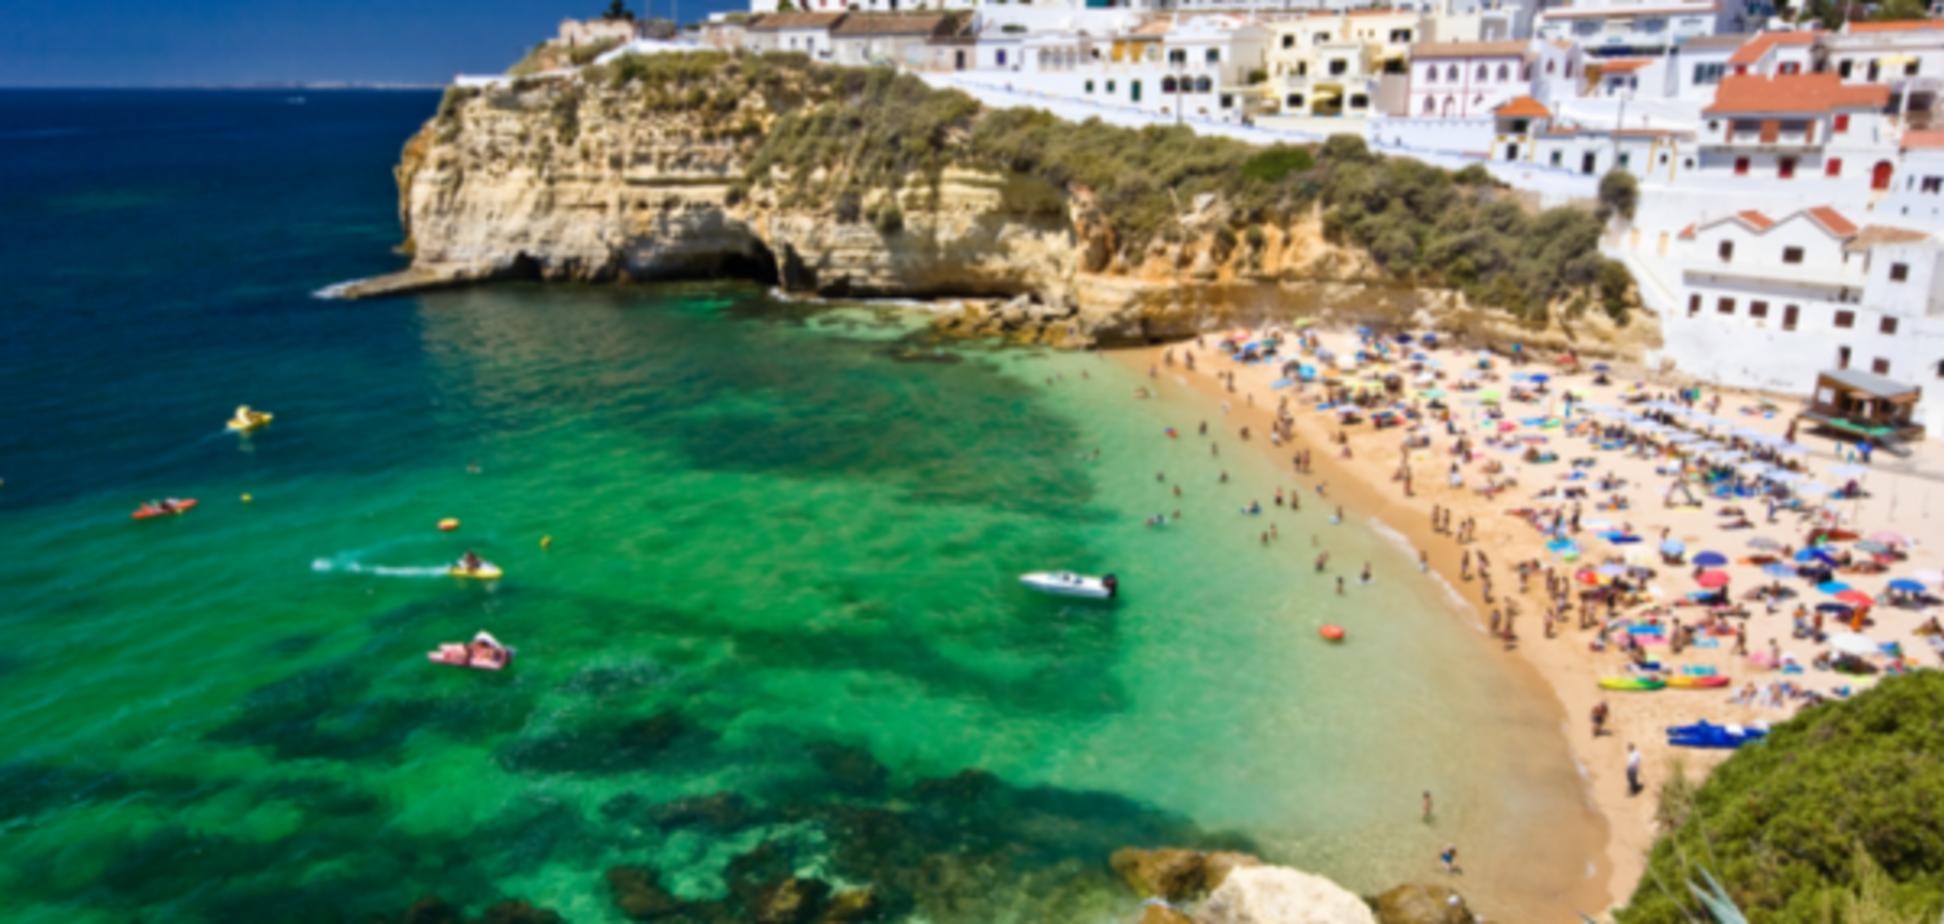 Готовимся к отпуску: составлен рейтинг самых дешевых туристических направлений 2017 года